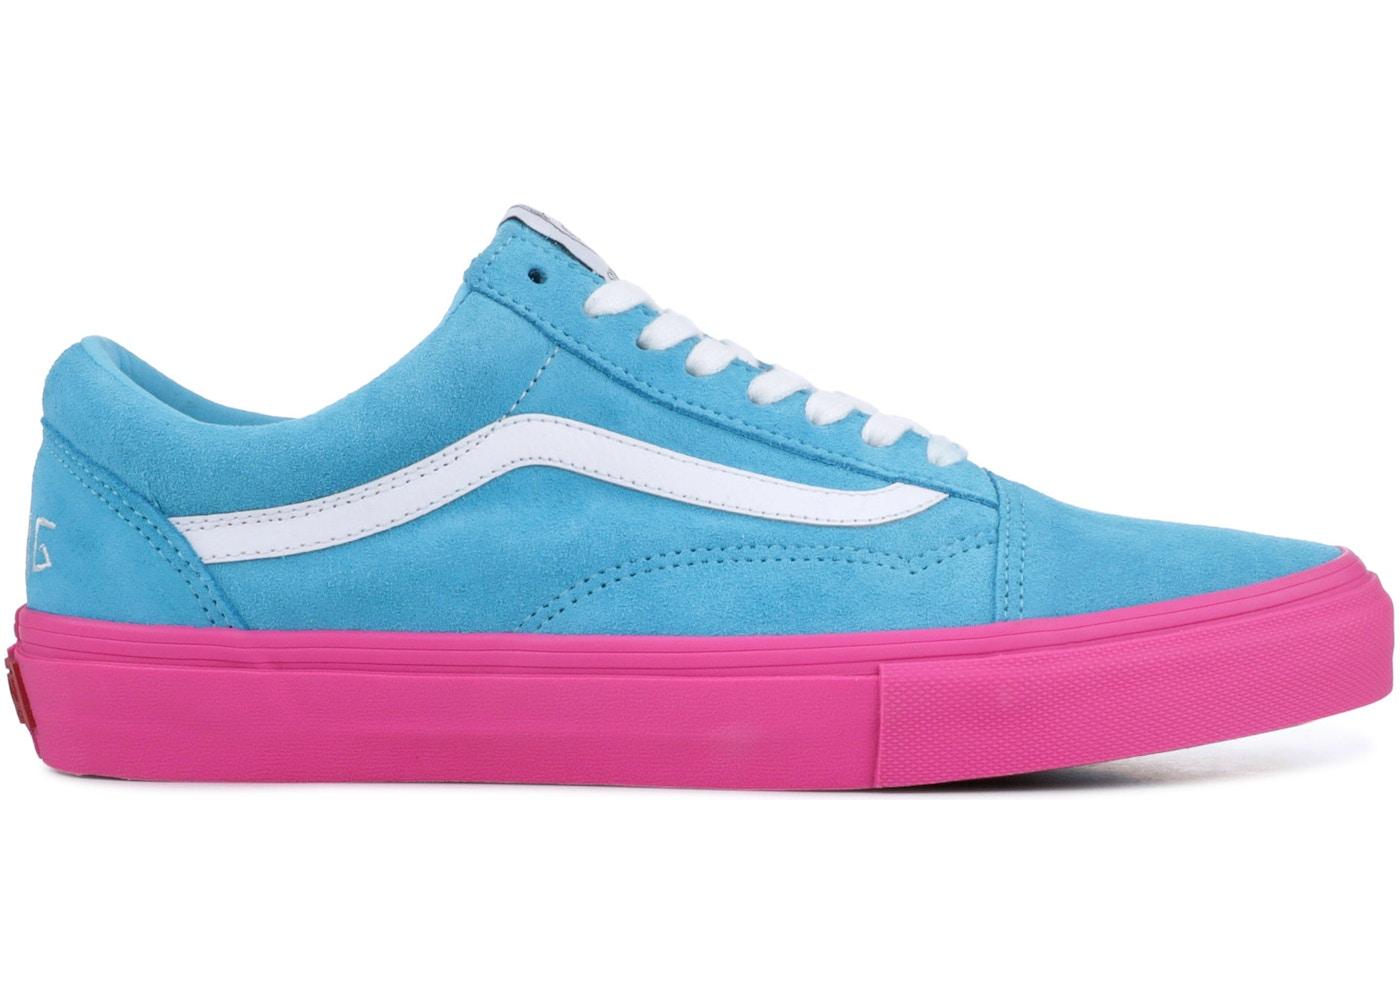 3e46b2a45d Vans Old Skool Pro S Golf Wang Blue Pink - VN0QHMF5E